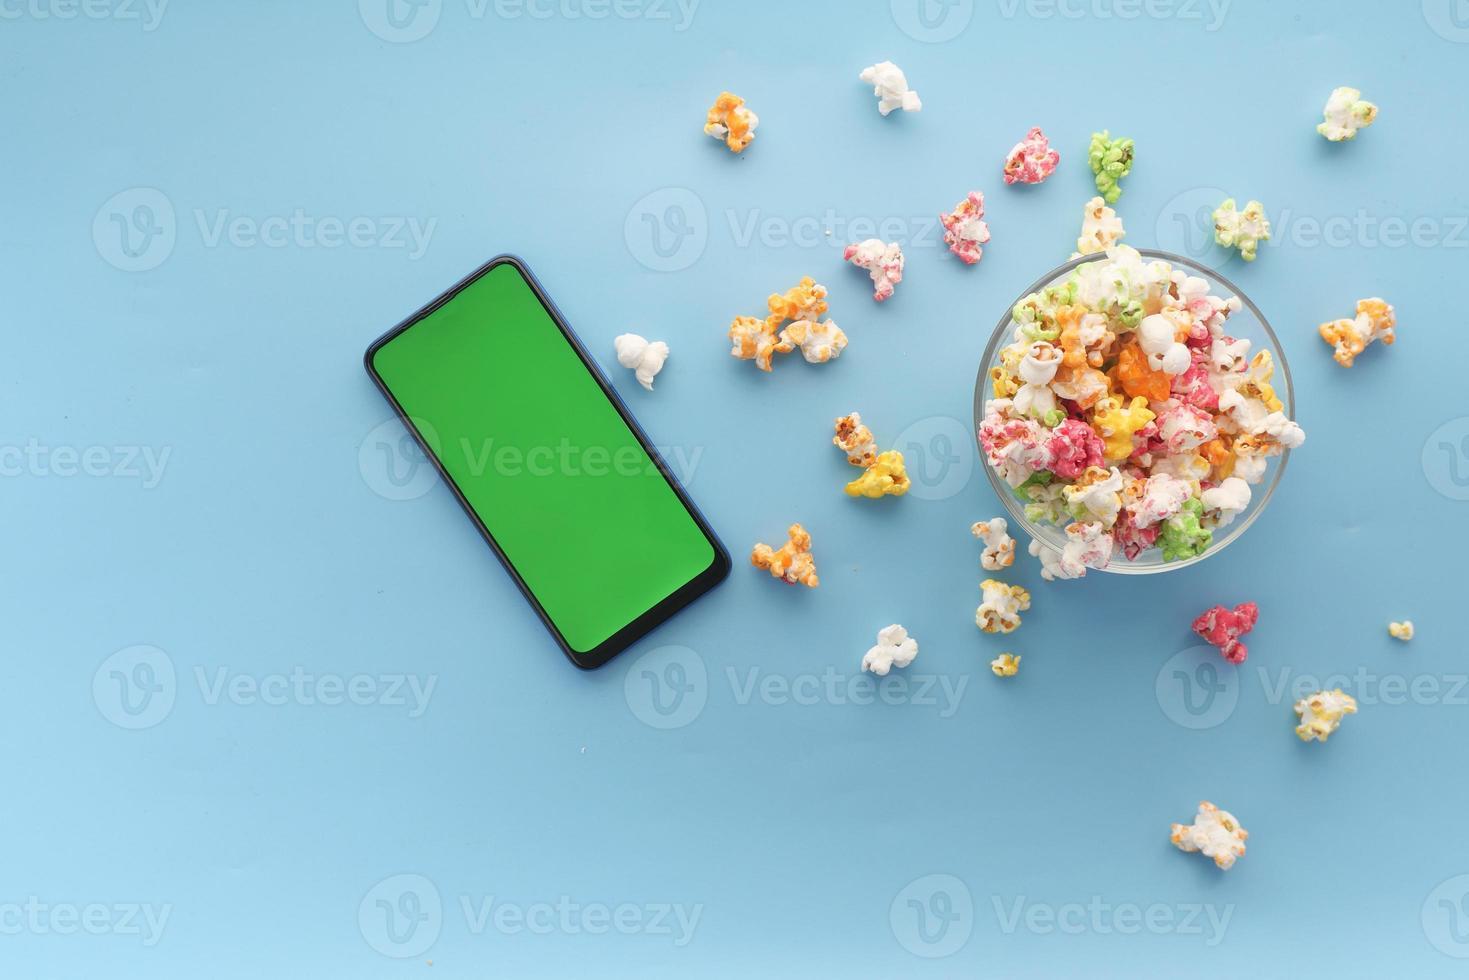 Draufsicht von Smartphone und Popcorn auf blauem Hintergrund foto